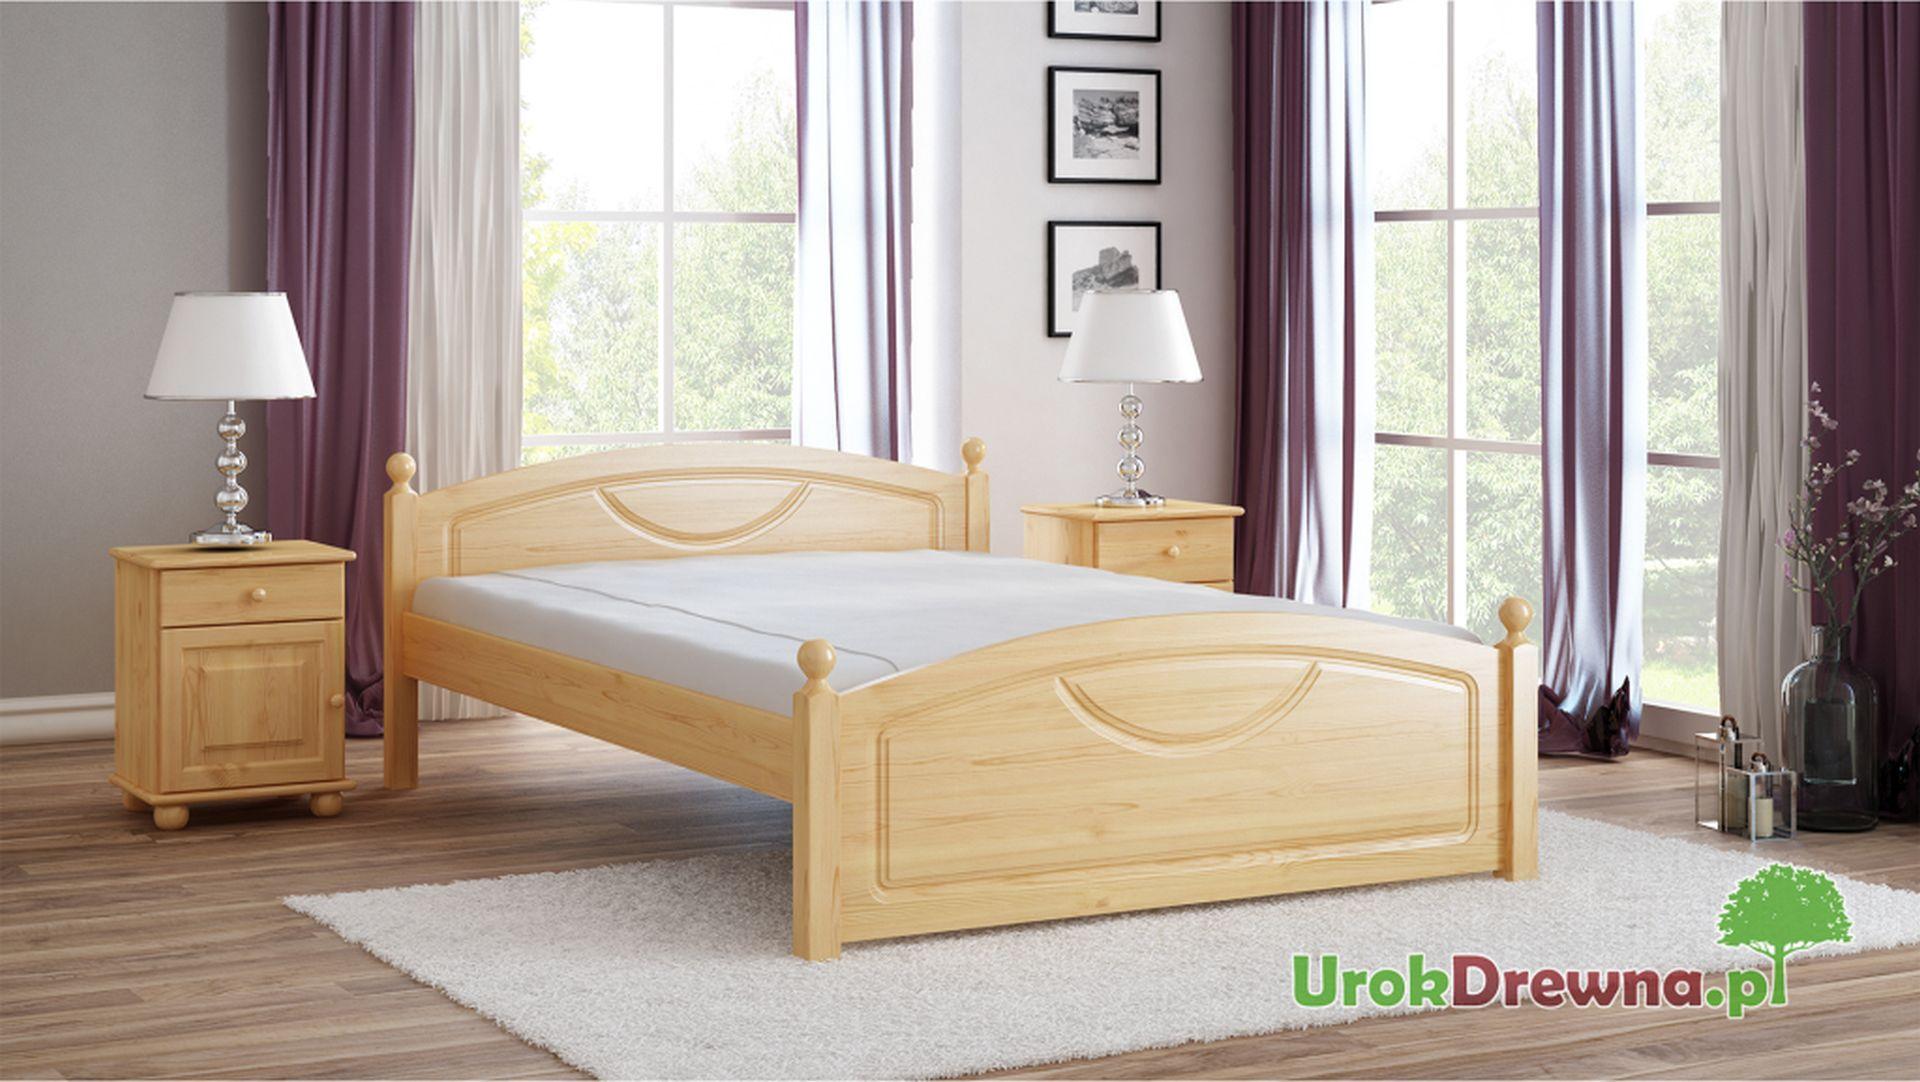 Aranżacja łóżka z drewna sosnowego Kristo toczone nogi